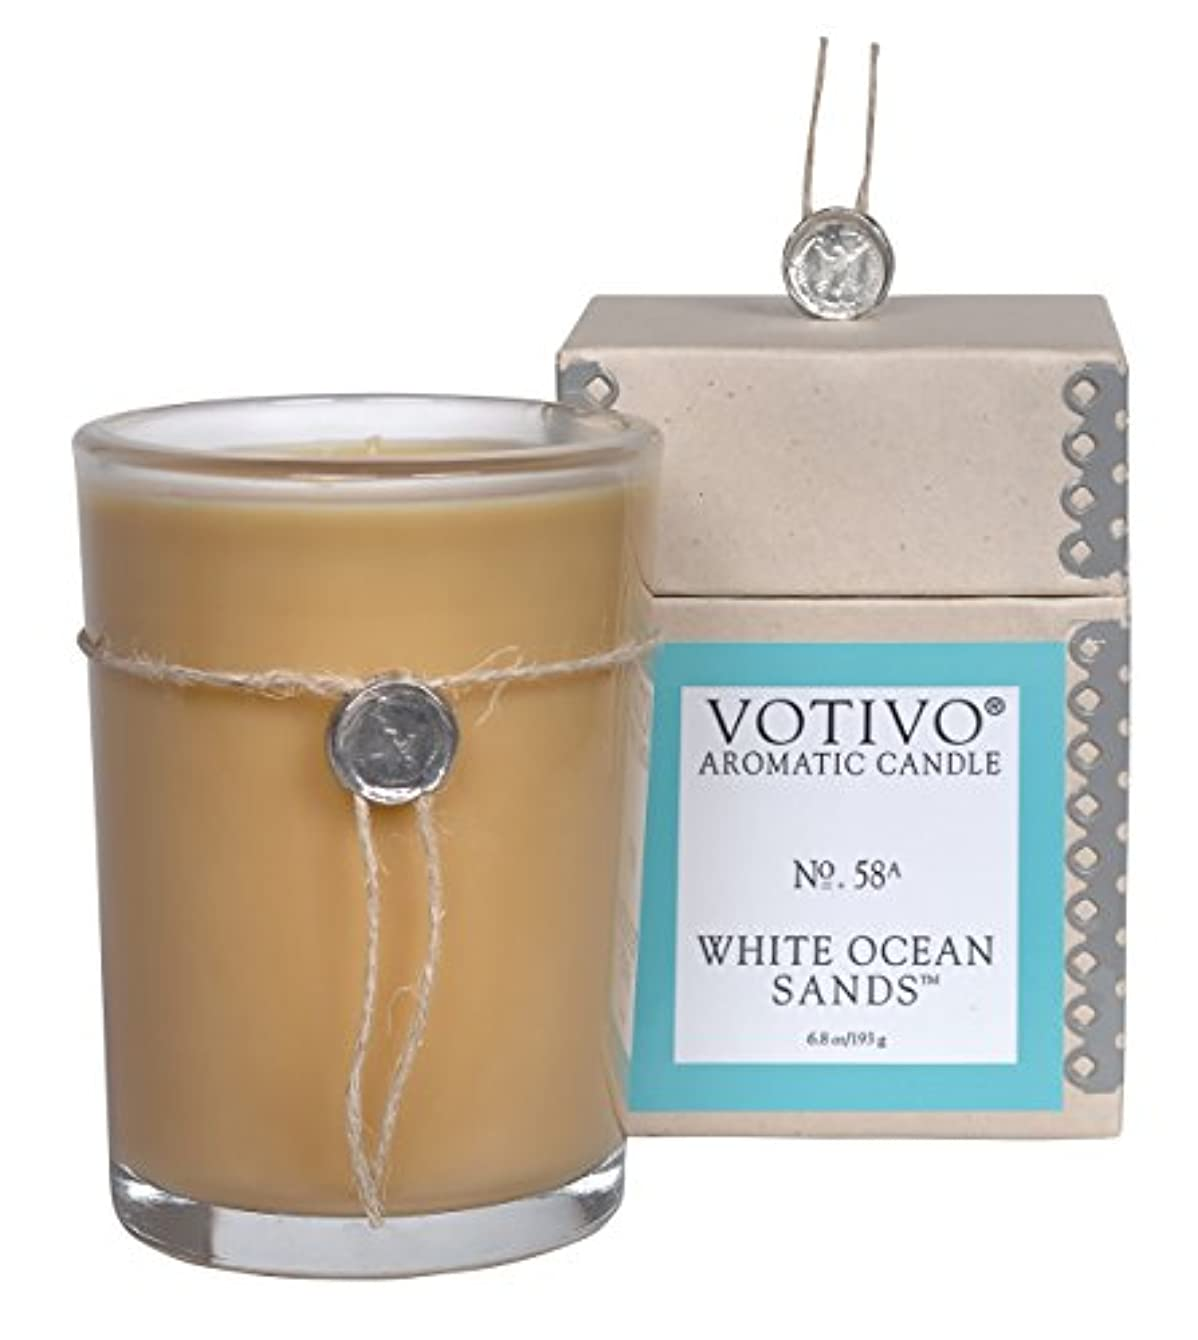 バーガー抑圧するくちばしVOTIVO アロマティック グラスキャンドル ホワイトオーシャンサ